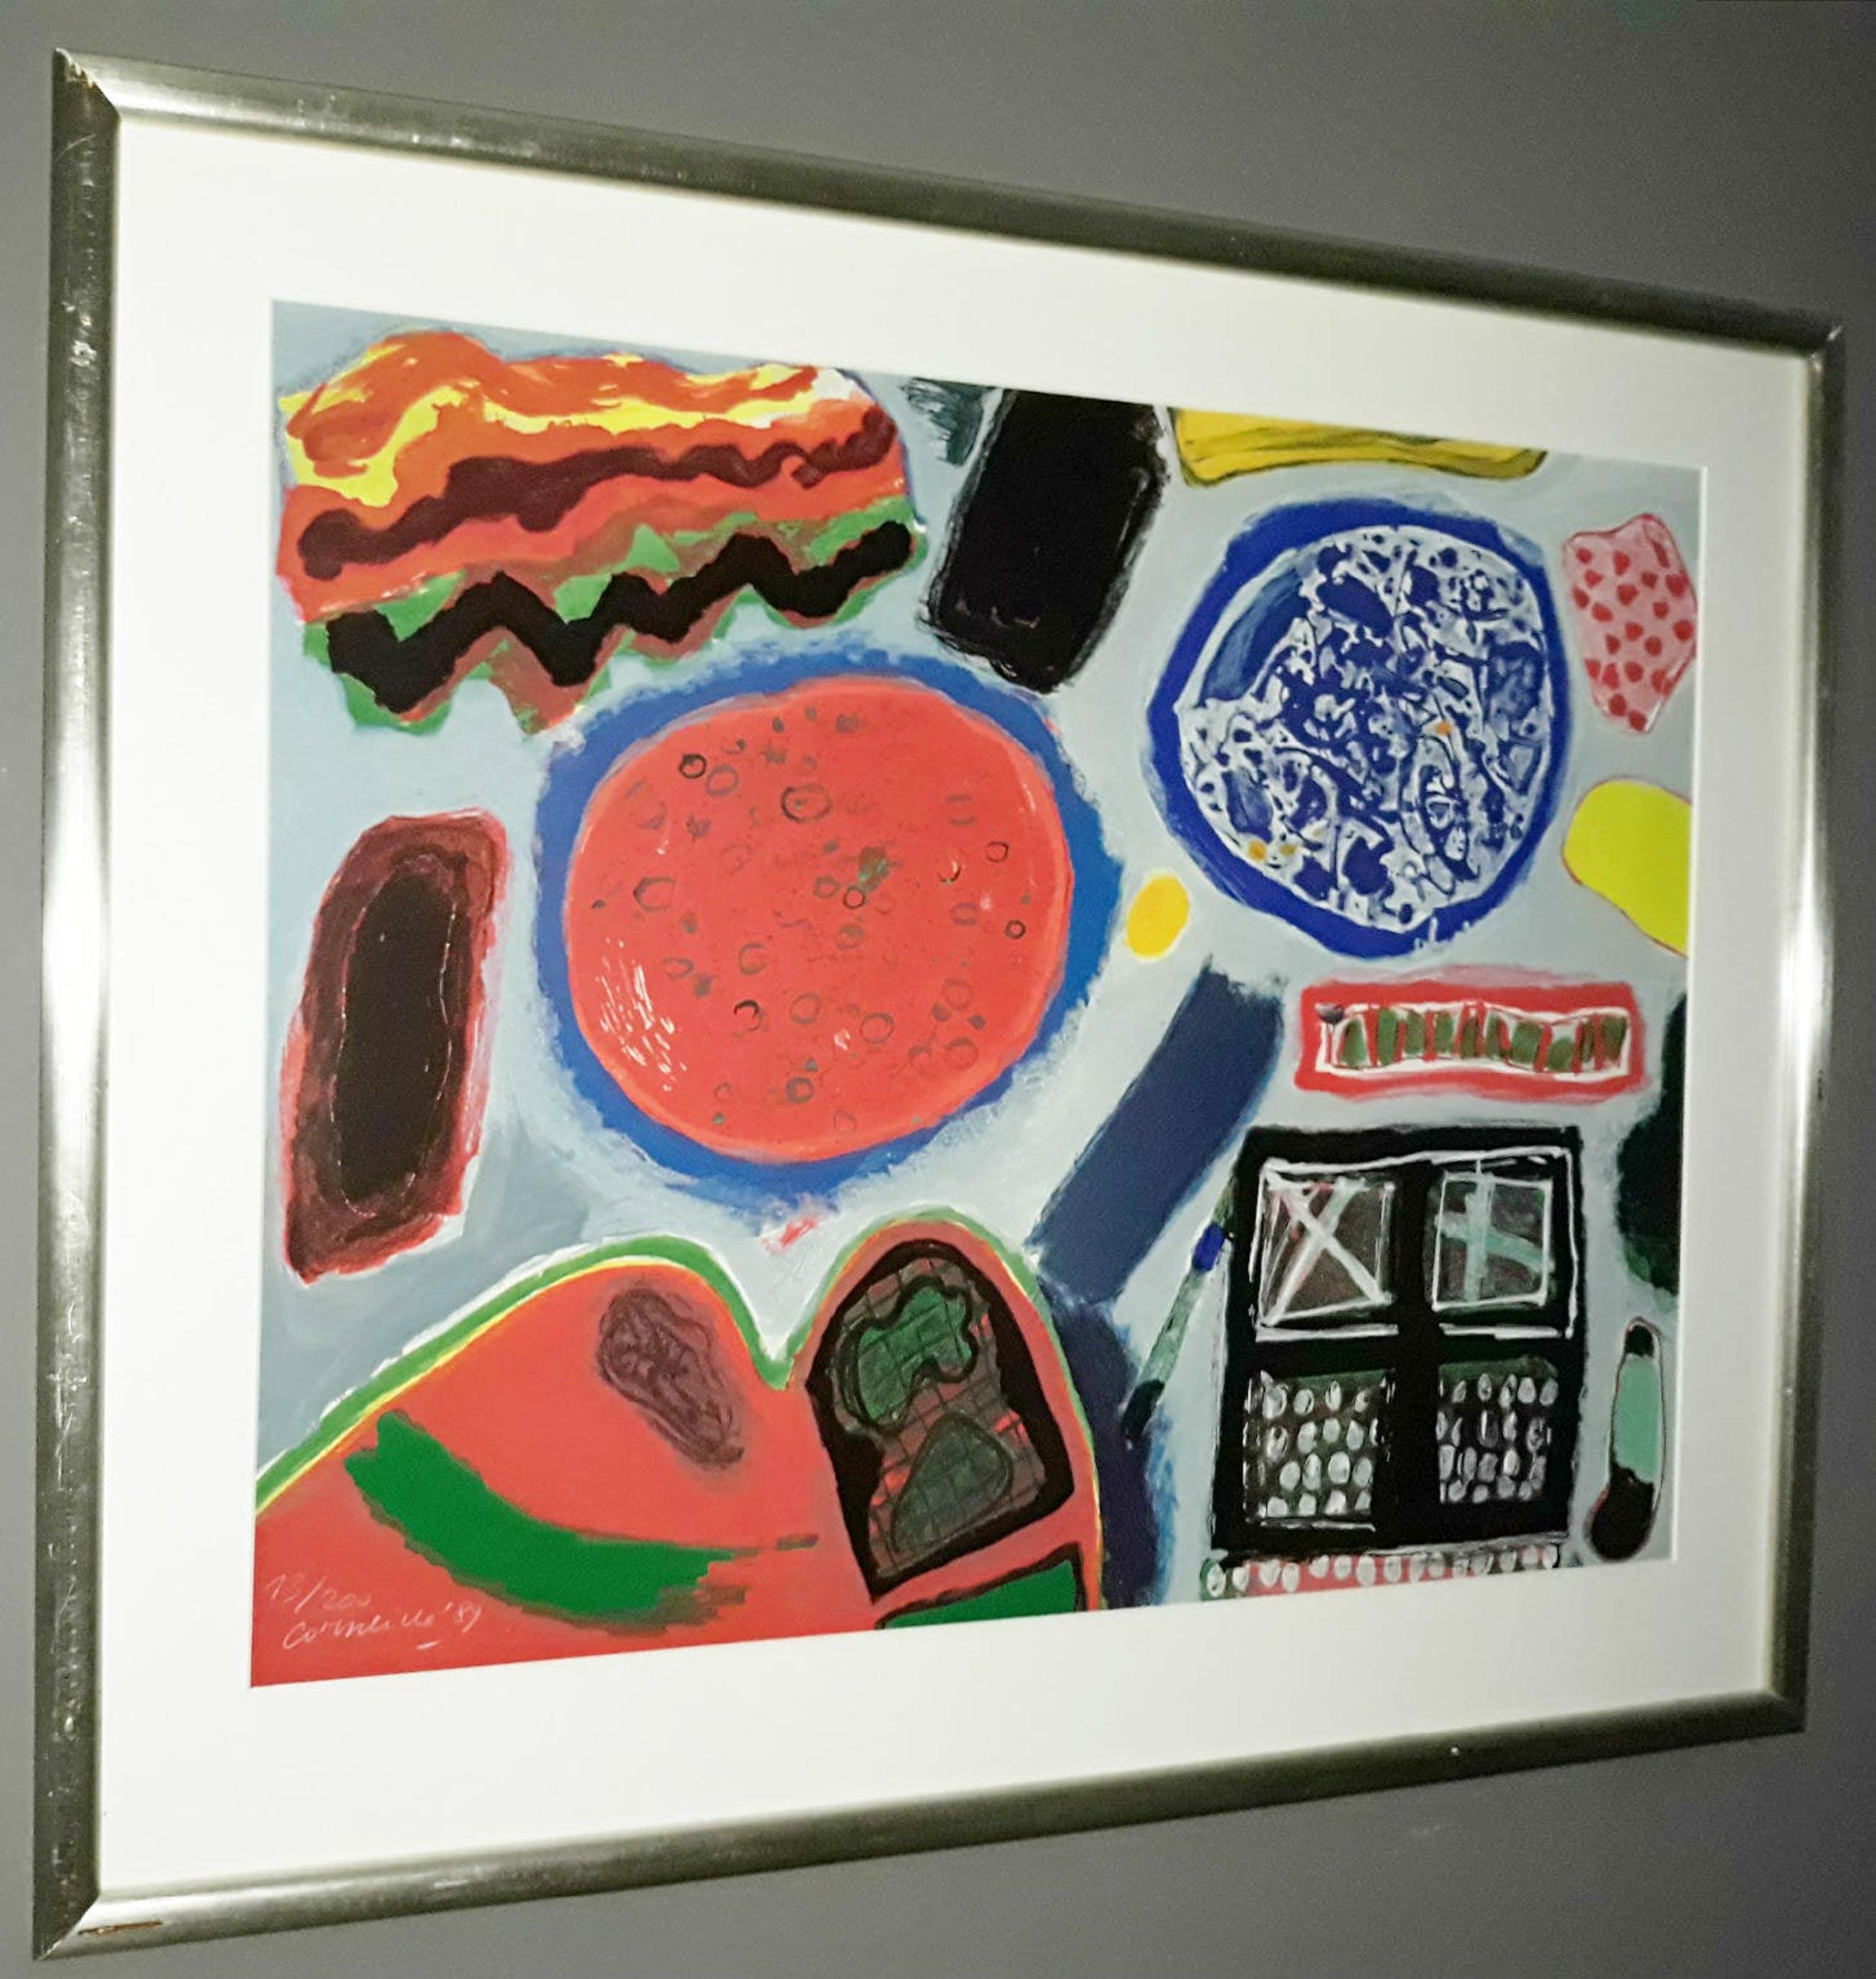 Corneille - Abstracte compositie, zeefdruk (mooi ingelijst, groot) kopen? Bied vanaf 395!